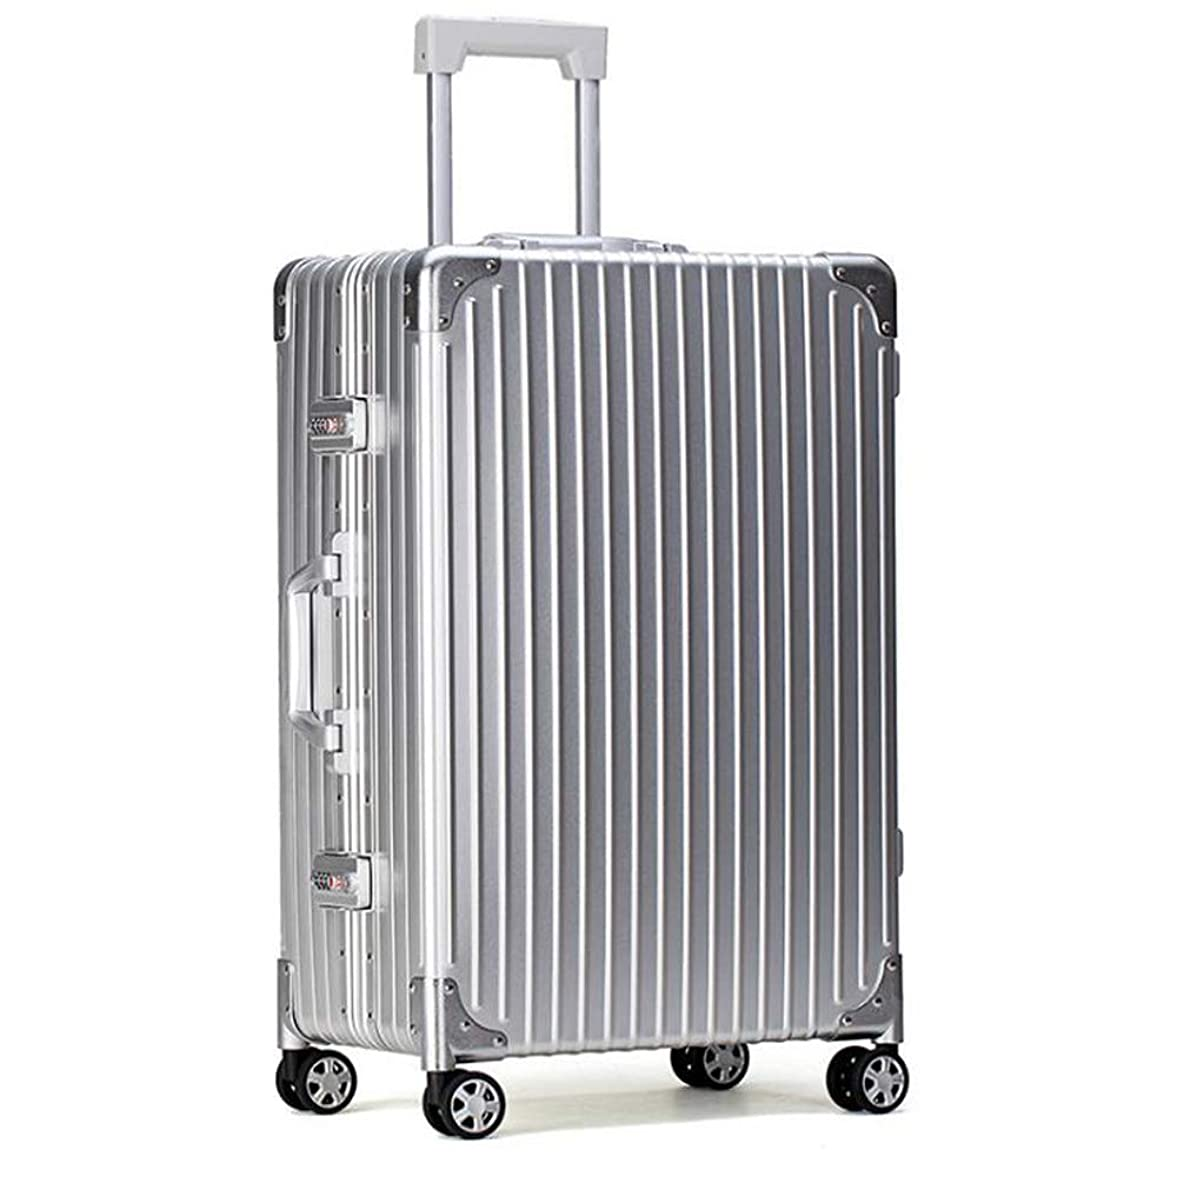 出来事ギャラントリー国民スーツケース軽量耐久性のあるハードシェルアルミマグネシウム合金キャビンハンド荷物スーツケーストラベルバッグ4輪&内蔵コンビネーションロック 42*25*61cm